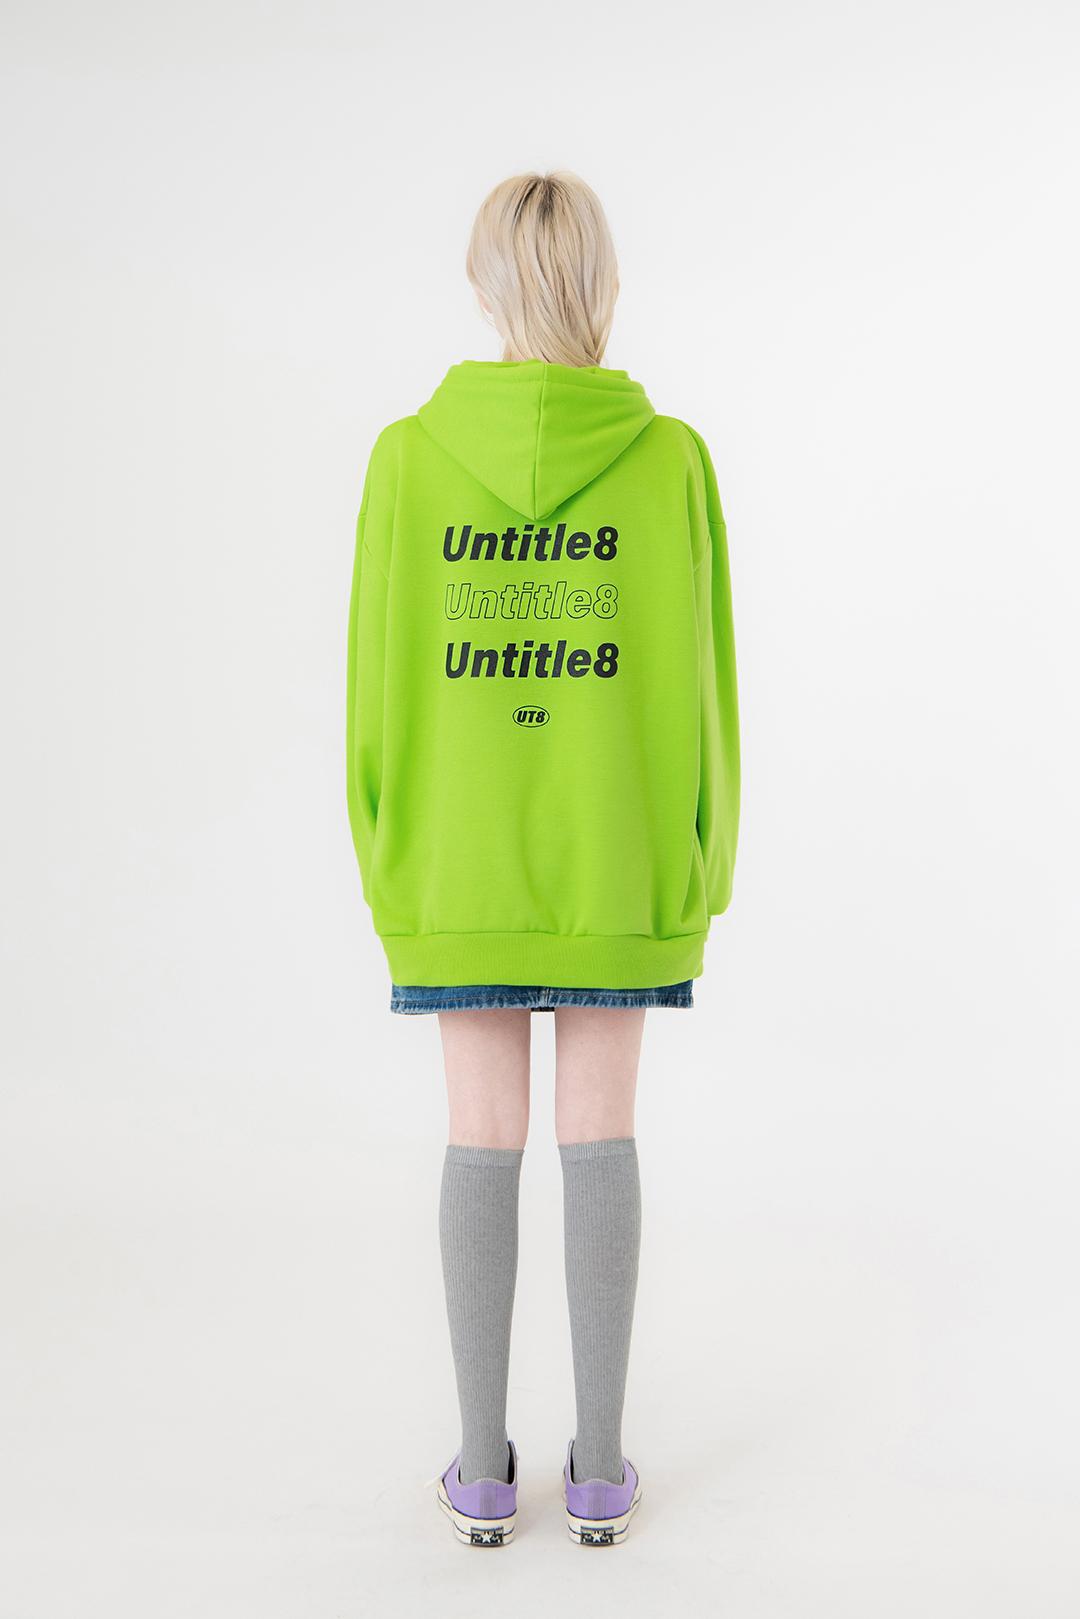 Untitle8 Street Hoodie